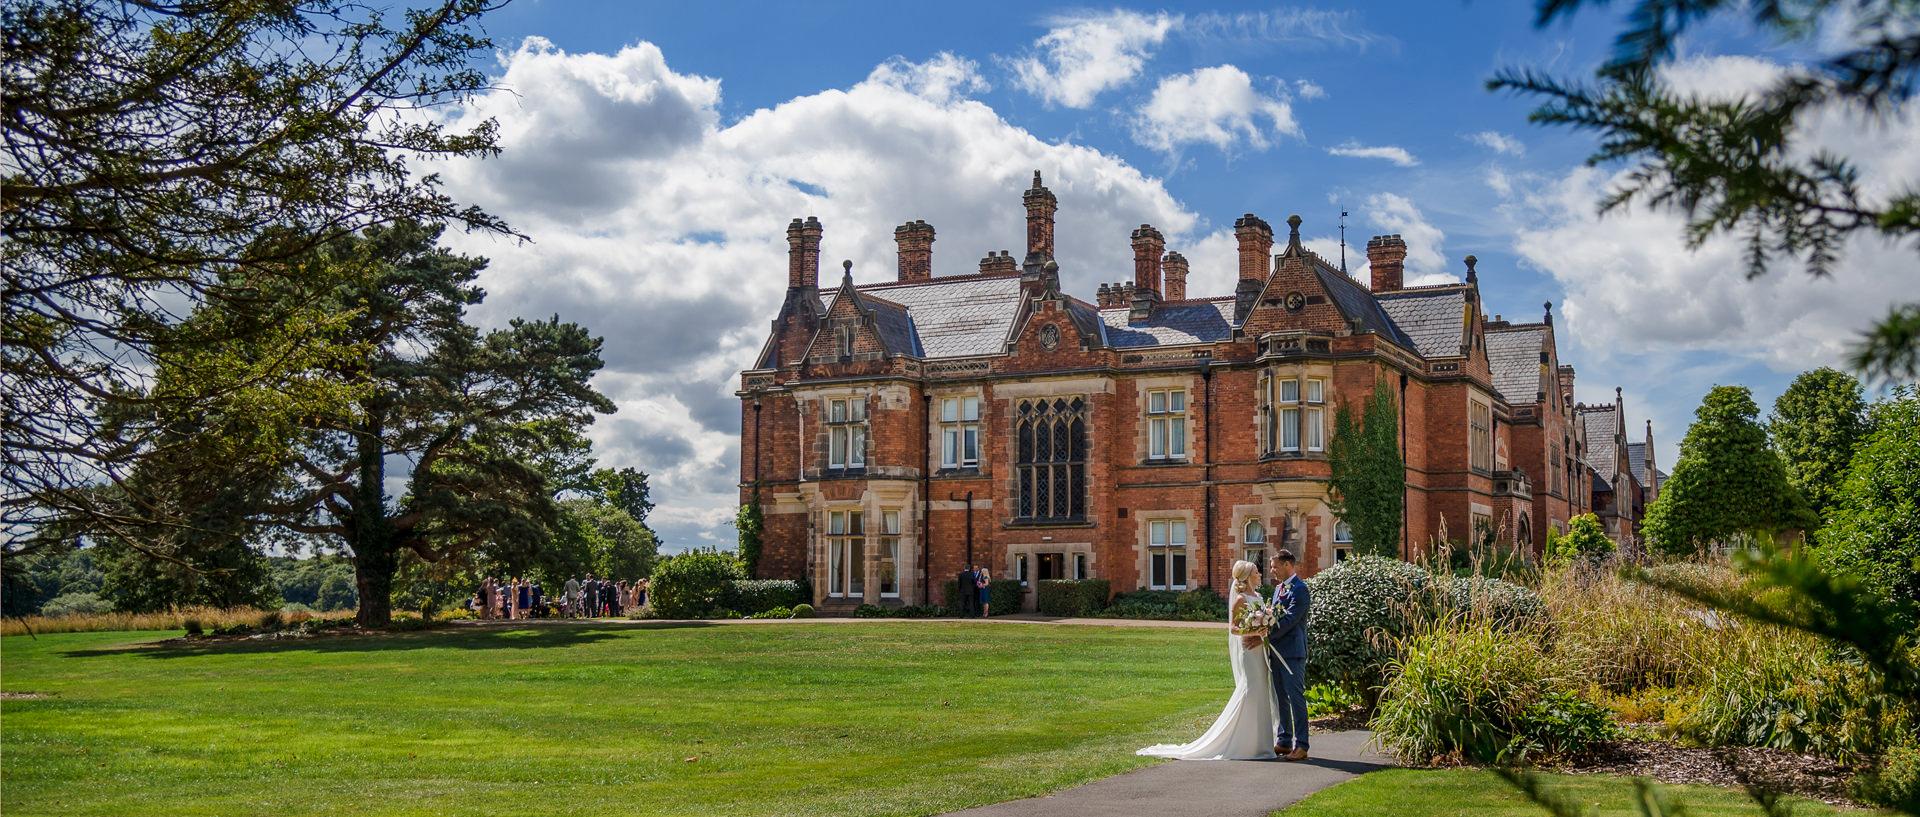 Top 5 Wedding Venues: Part 2- Rockliffe Hall